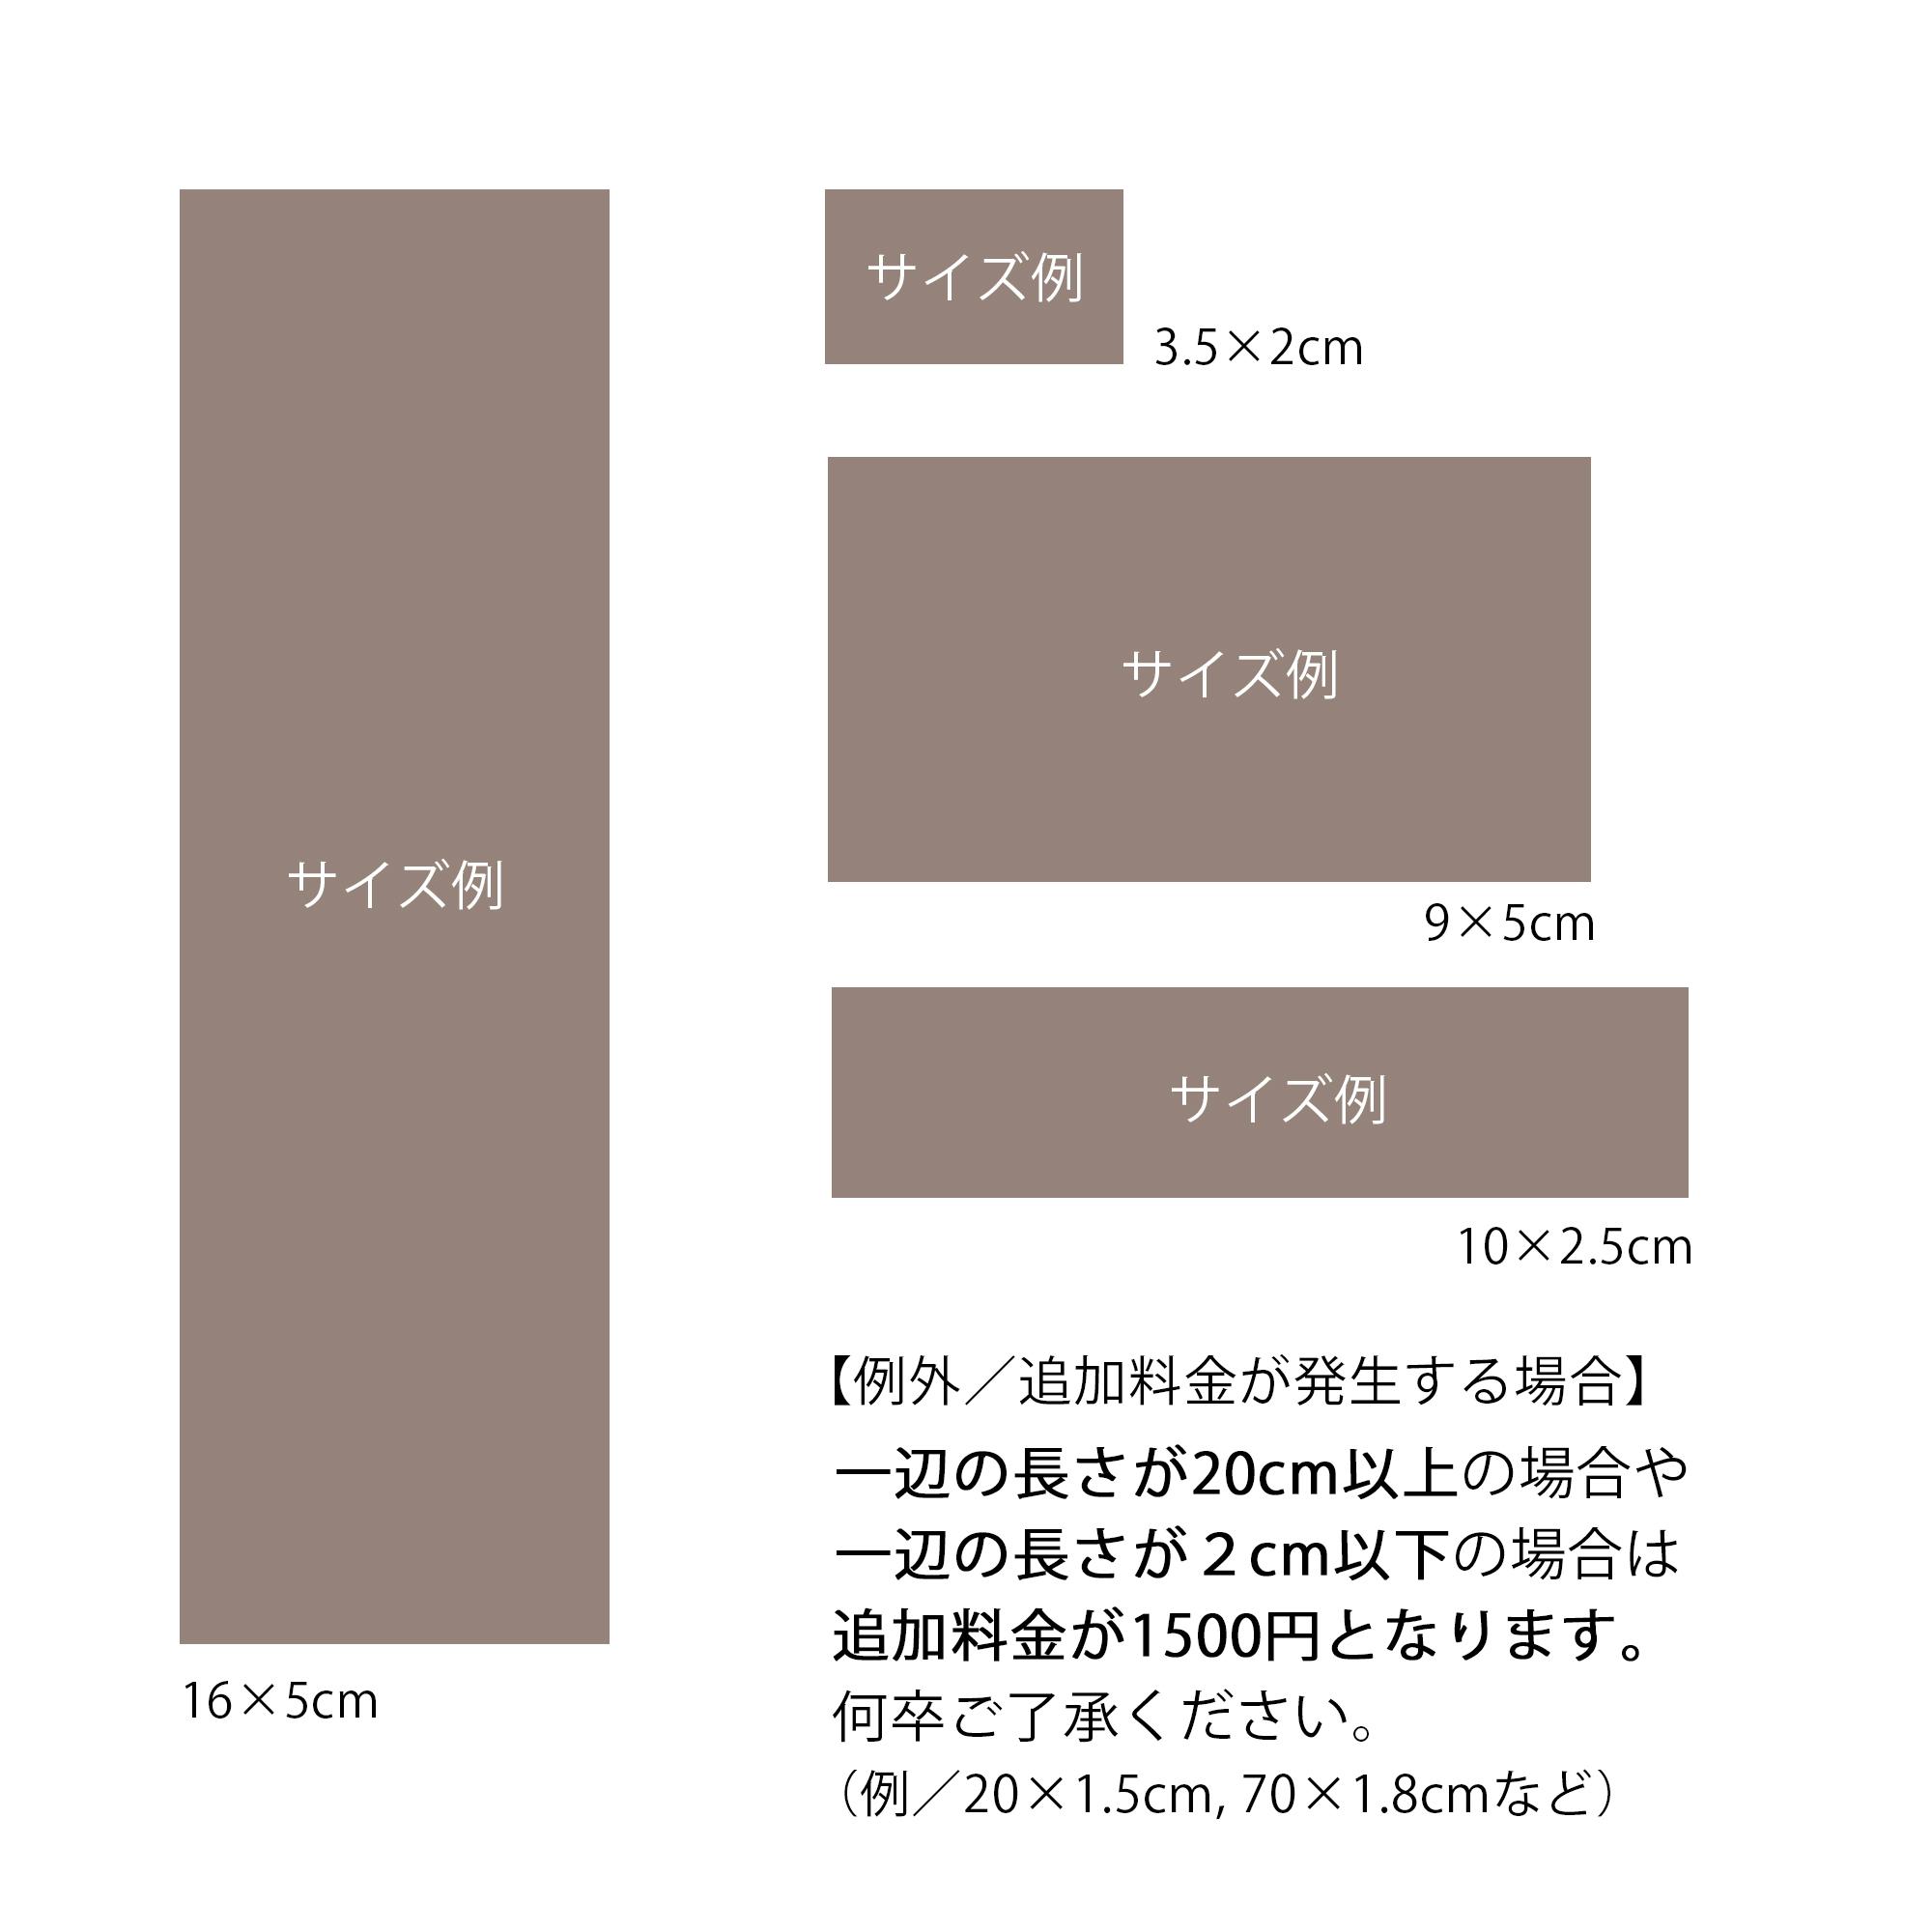 平方センチメートル 10